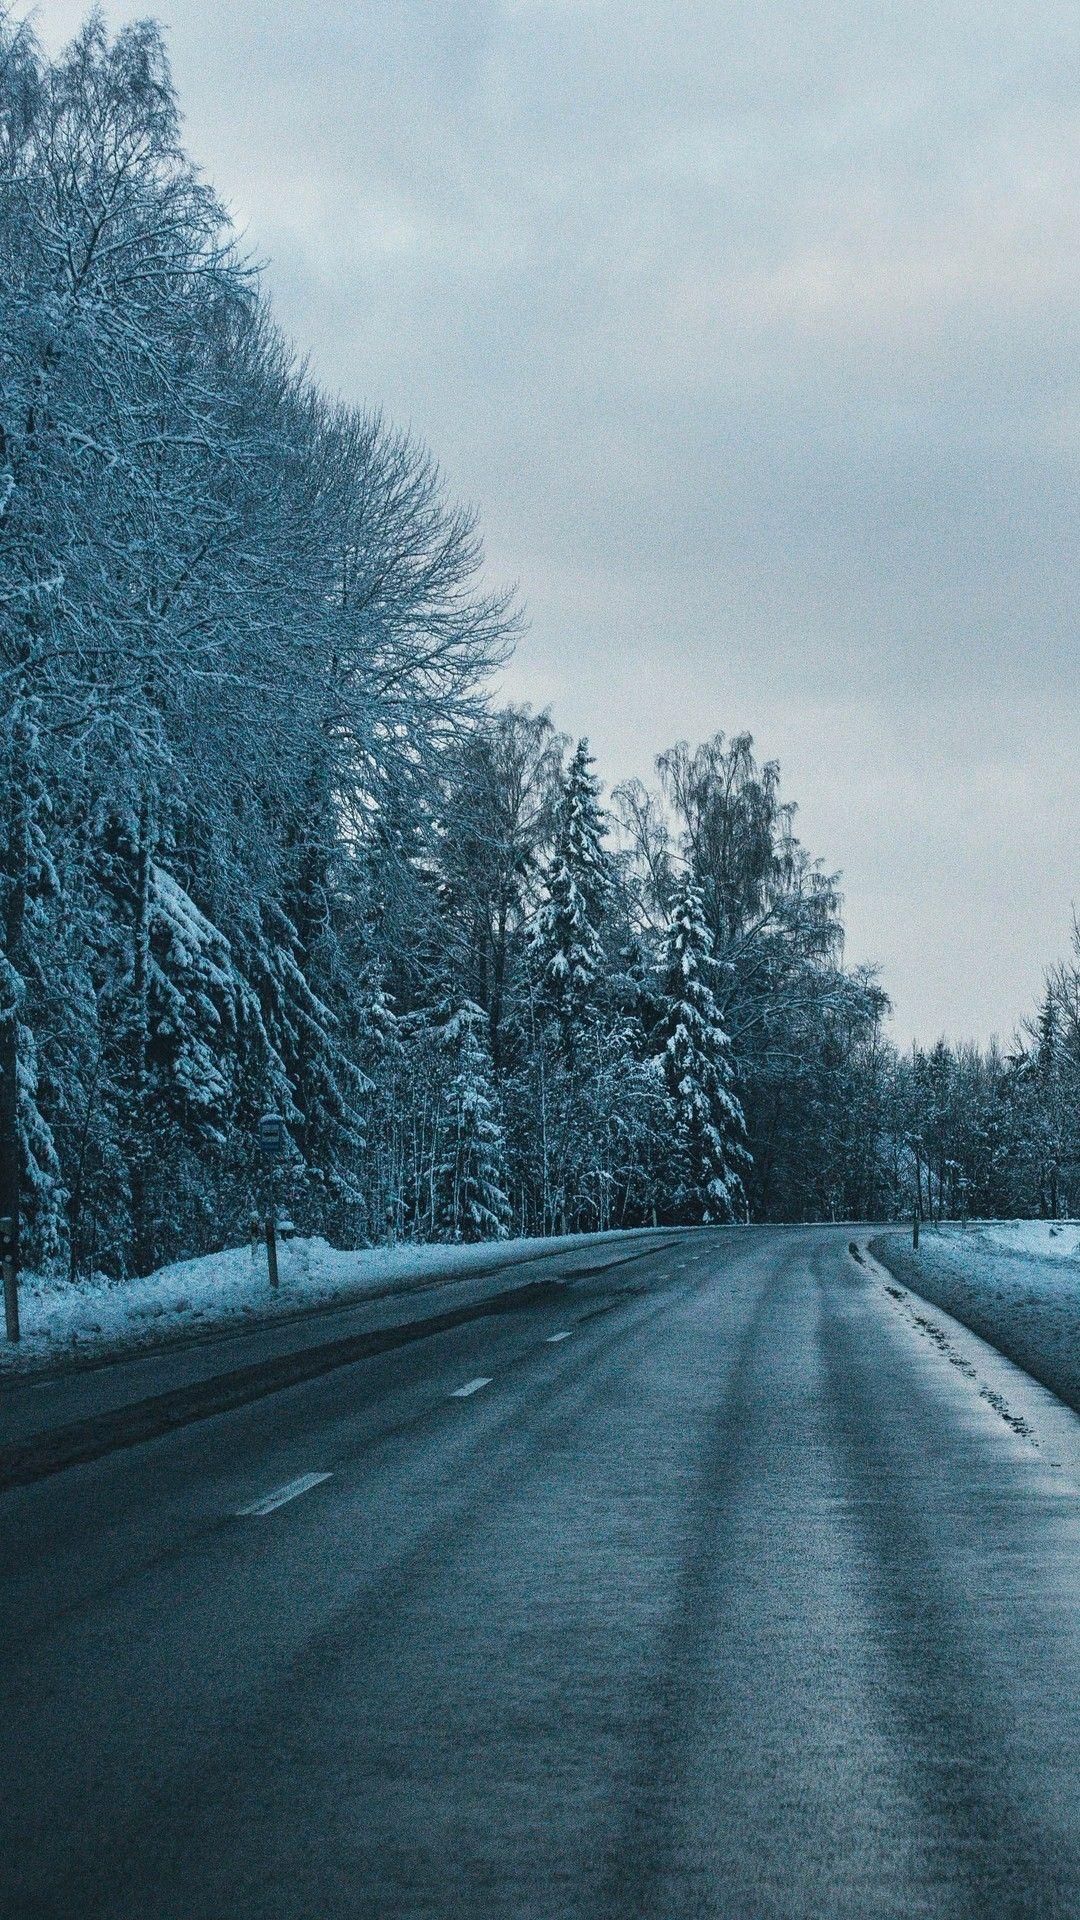 Snowy Road Winter Wallpaper Hd Winter Wallpaper Background Hd wallpaper snow winter road asphalt